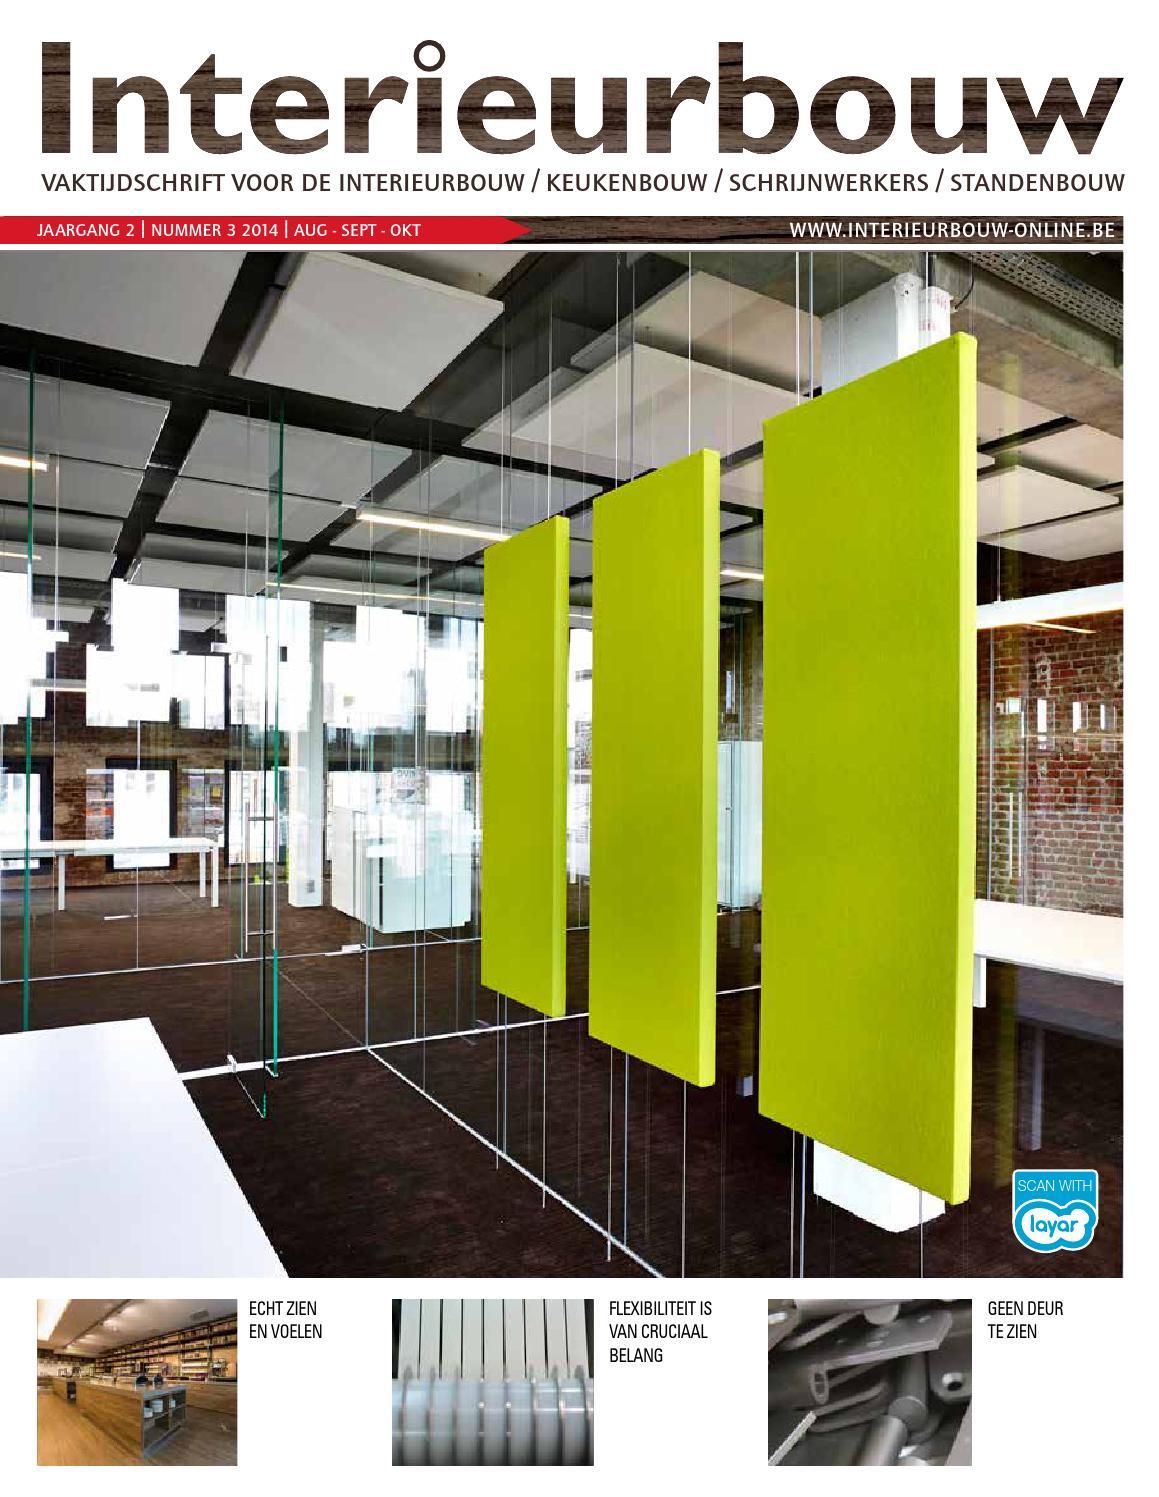 Interieurbouw be 03 2014 by louwers uitgeversorganisatie for Interieur bouwer